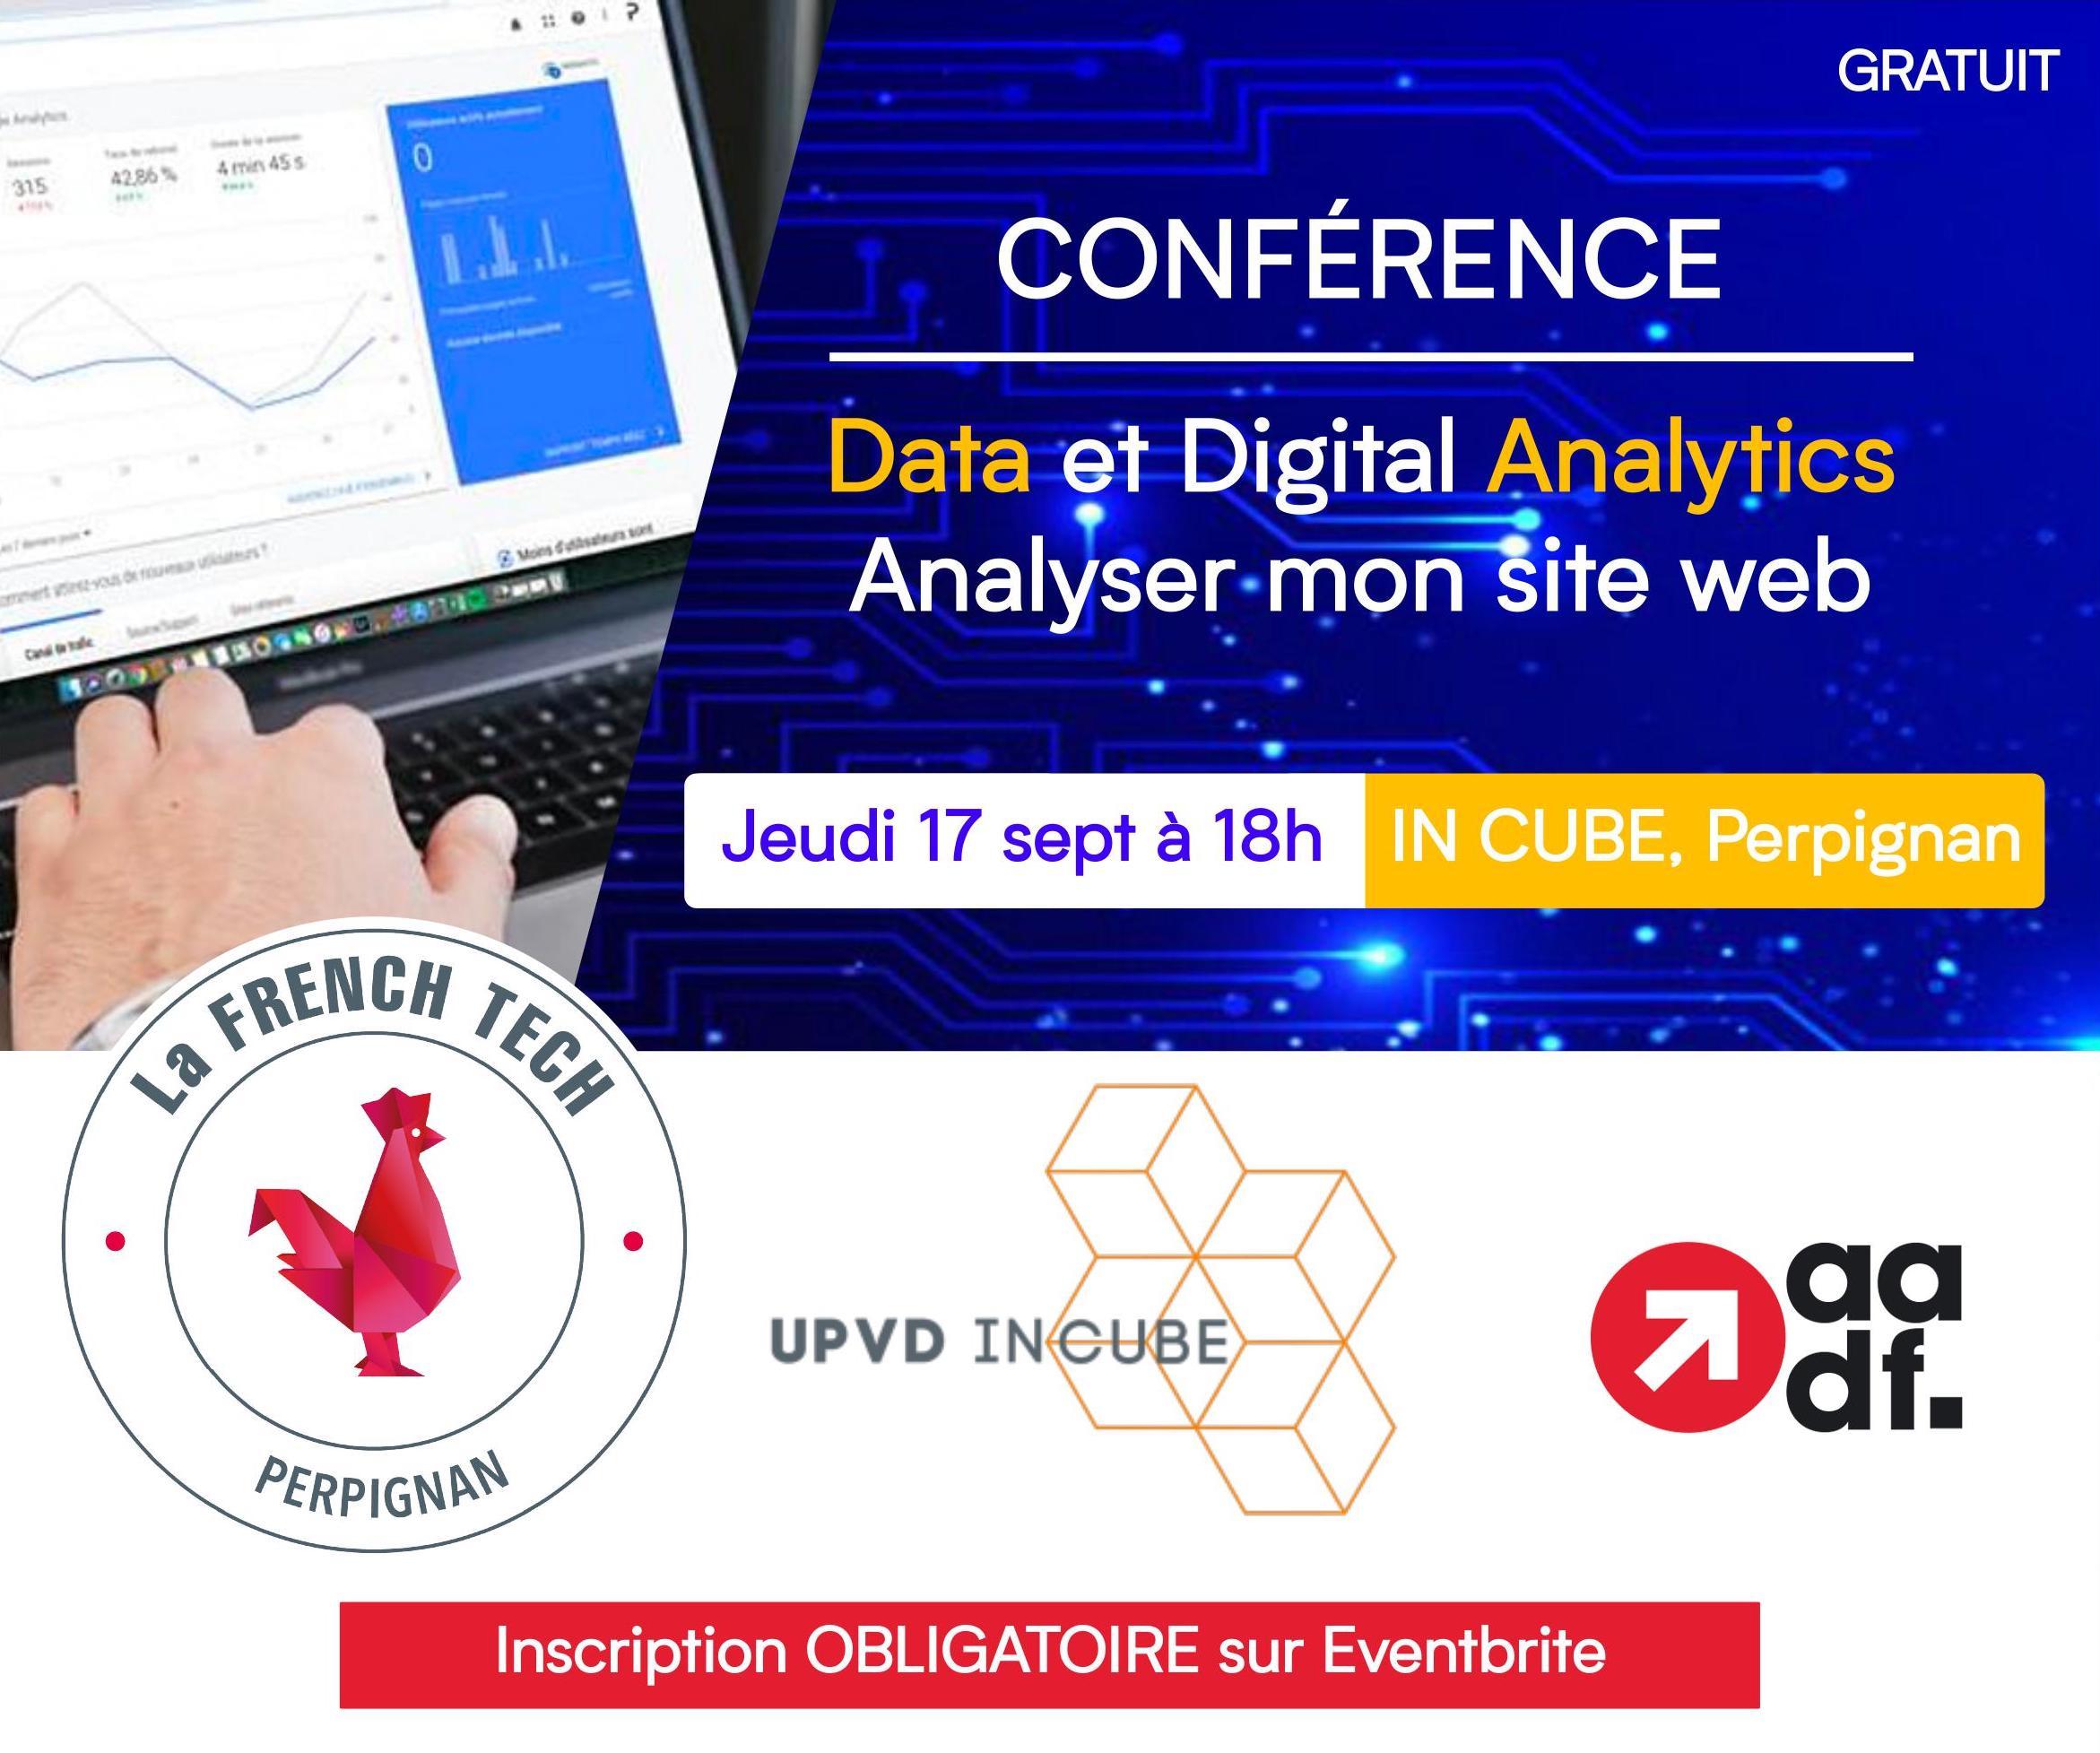 Reseaux sociaux Conference Data Perpignan 17 sept 20